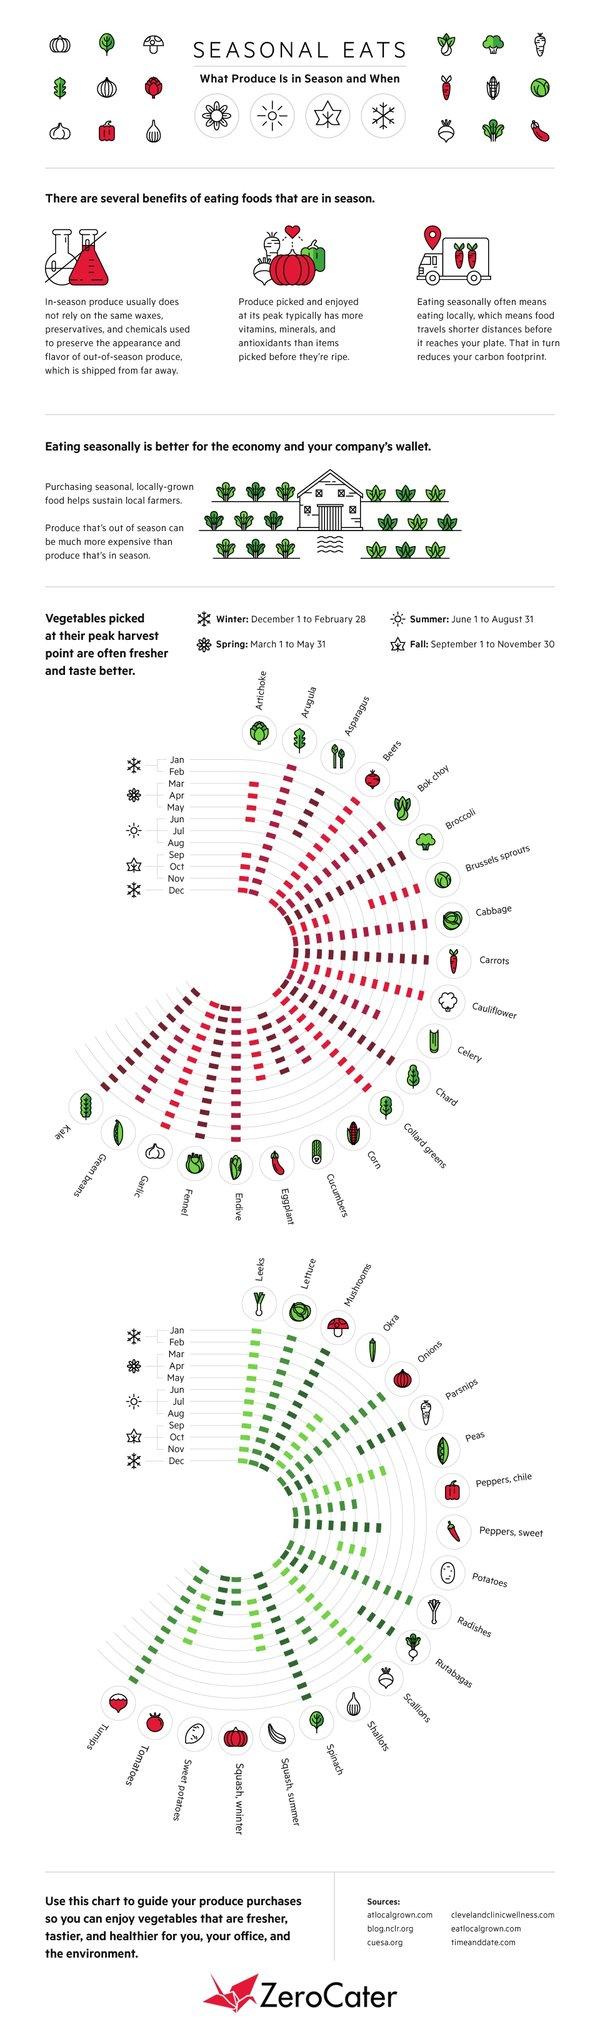 seasonal-eats-which-produce-is-in-season-when-Updated